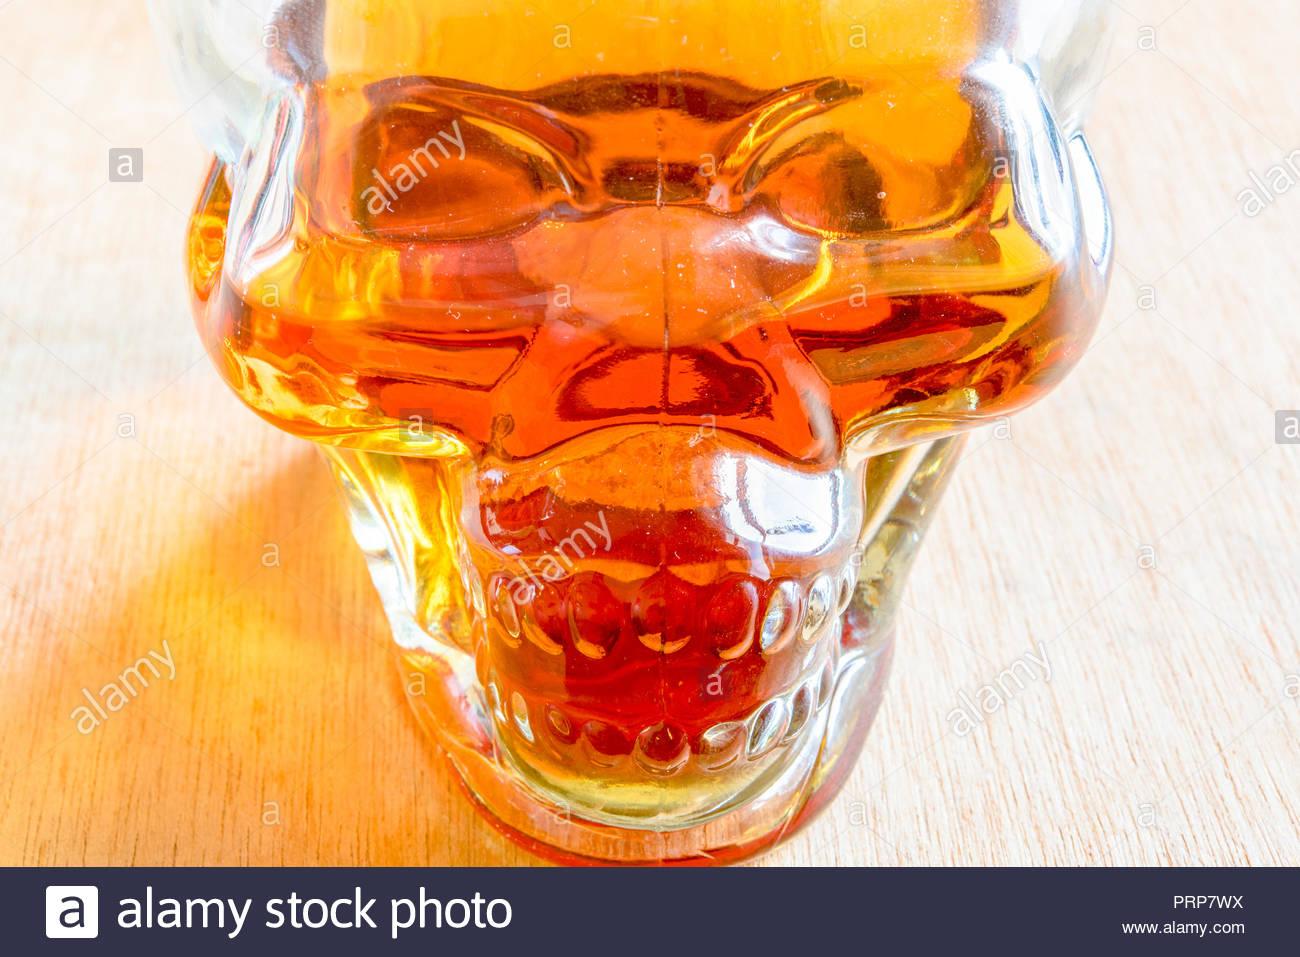 Dangers of drinking alcoholic beverages: Skull bottle full of rum - Stock Image